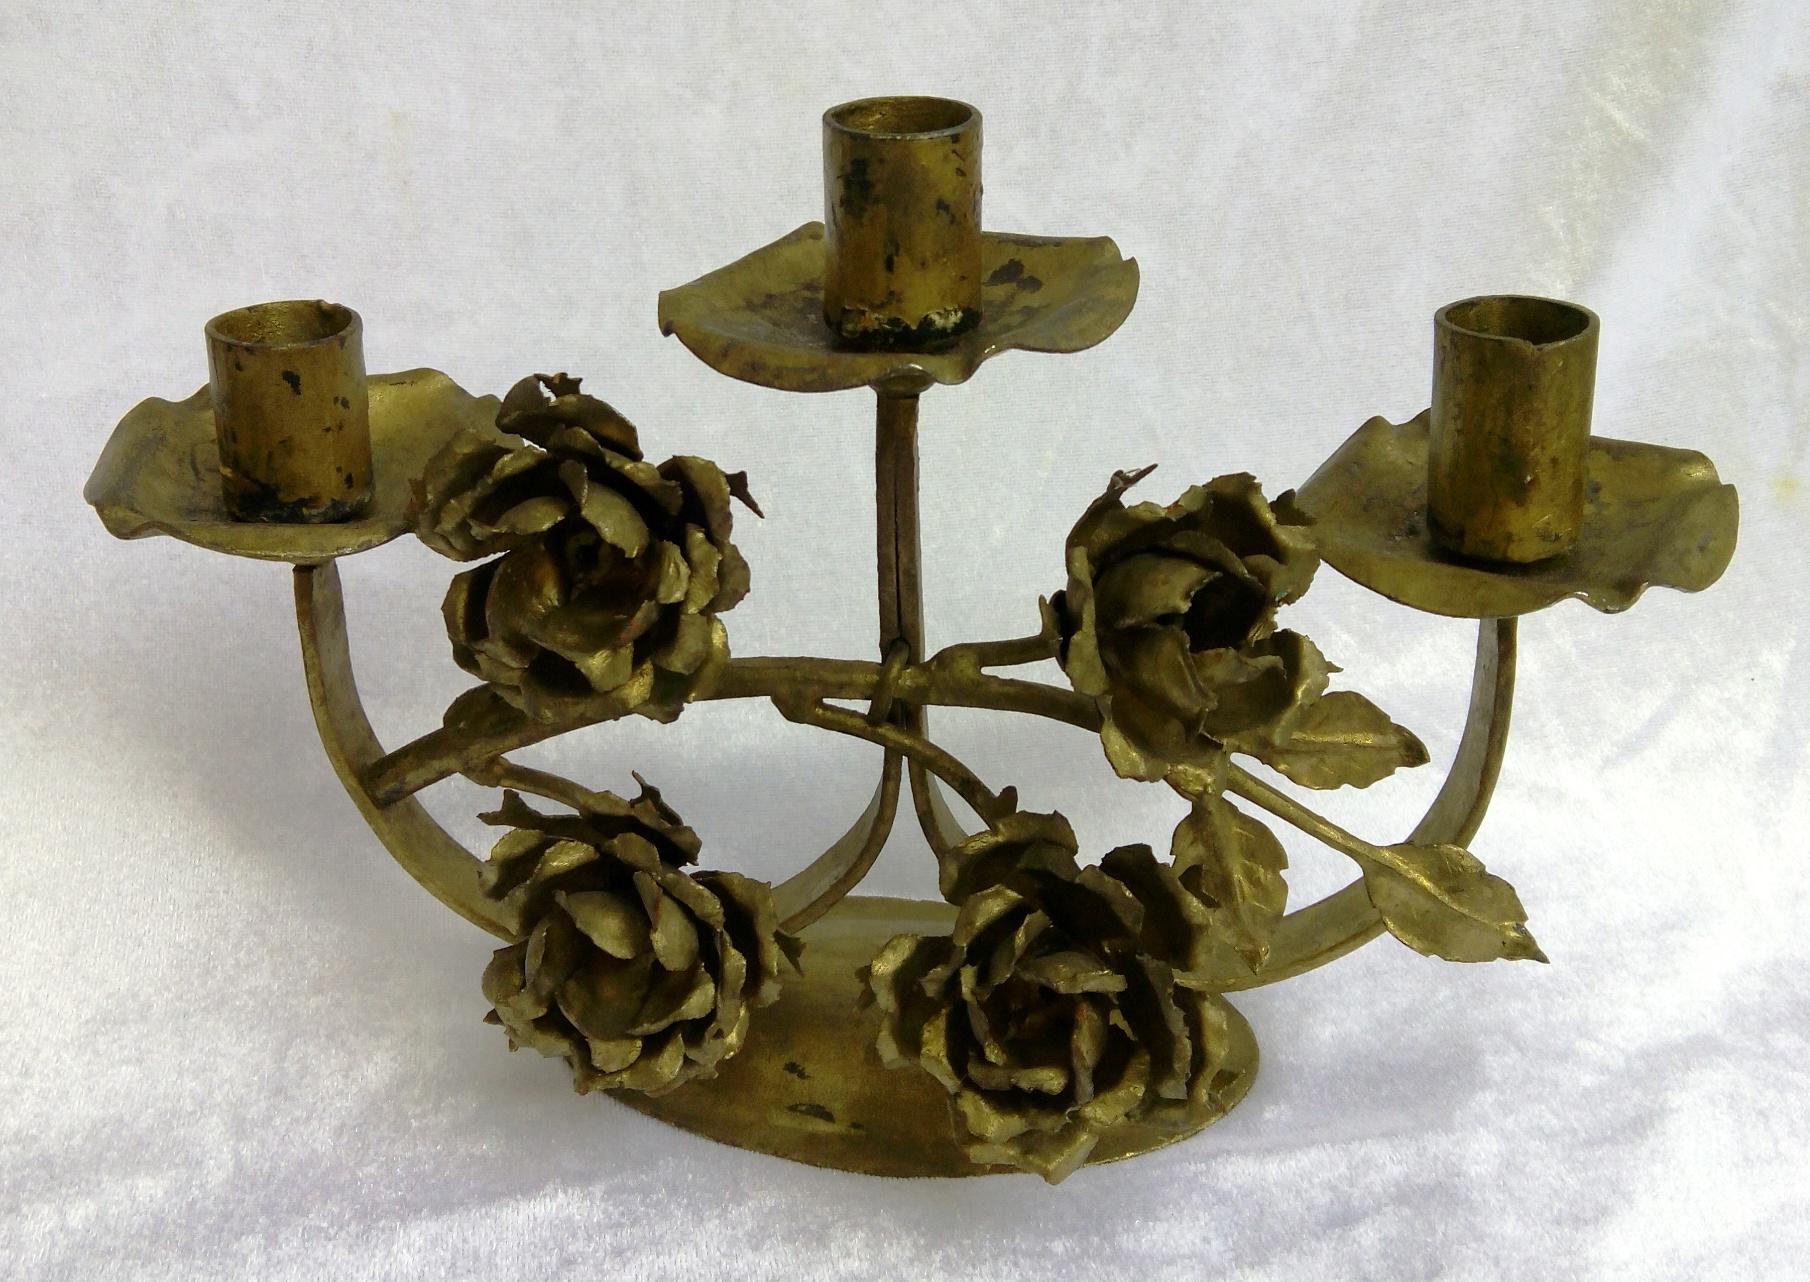 Der sehr alte Kerzenständer ist Handgefertigt und in seine Einzelteile zerlegbar. Auch die Rosen lassen sich in einzelne Blätter zerlegen. Die Teile sind alle miteinander verschraubt. Breite 27 cm